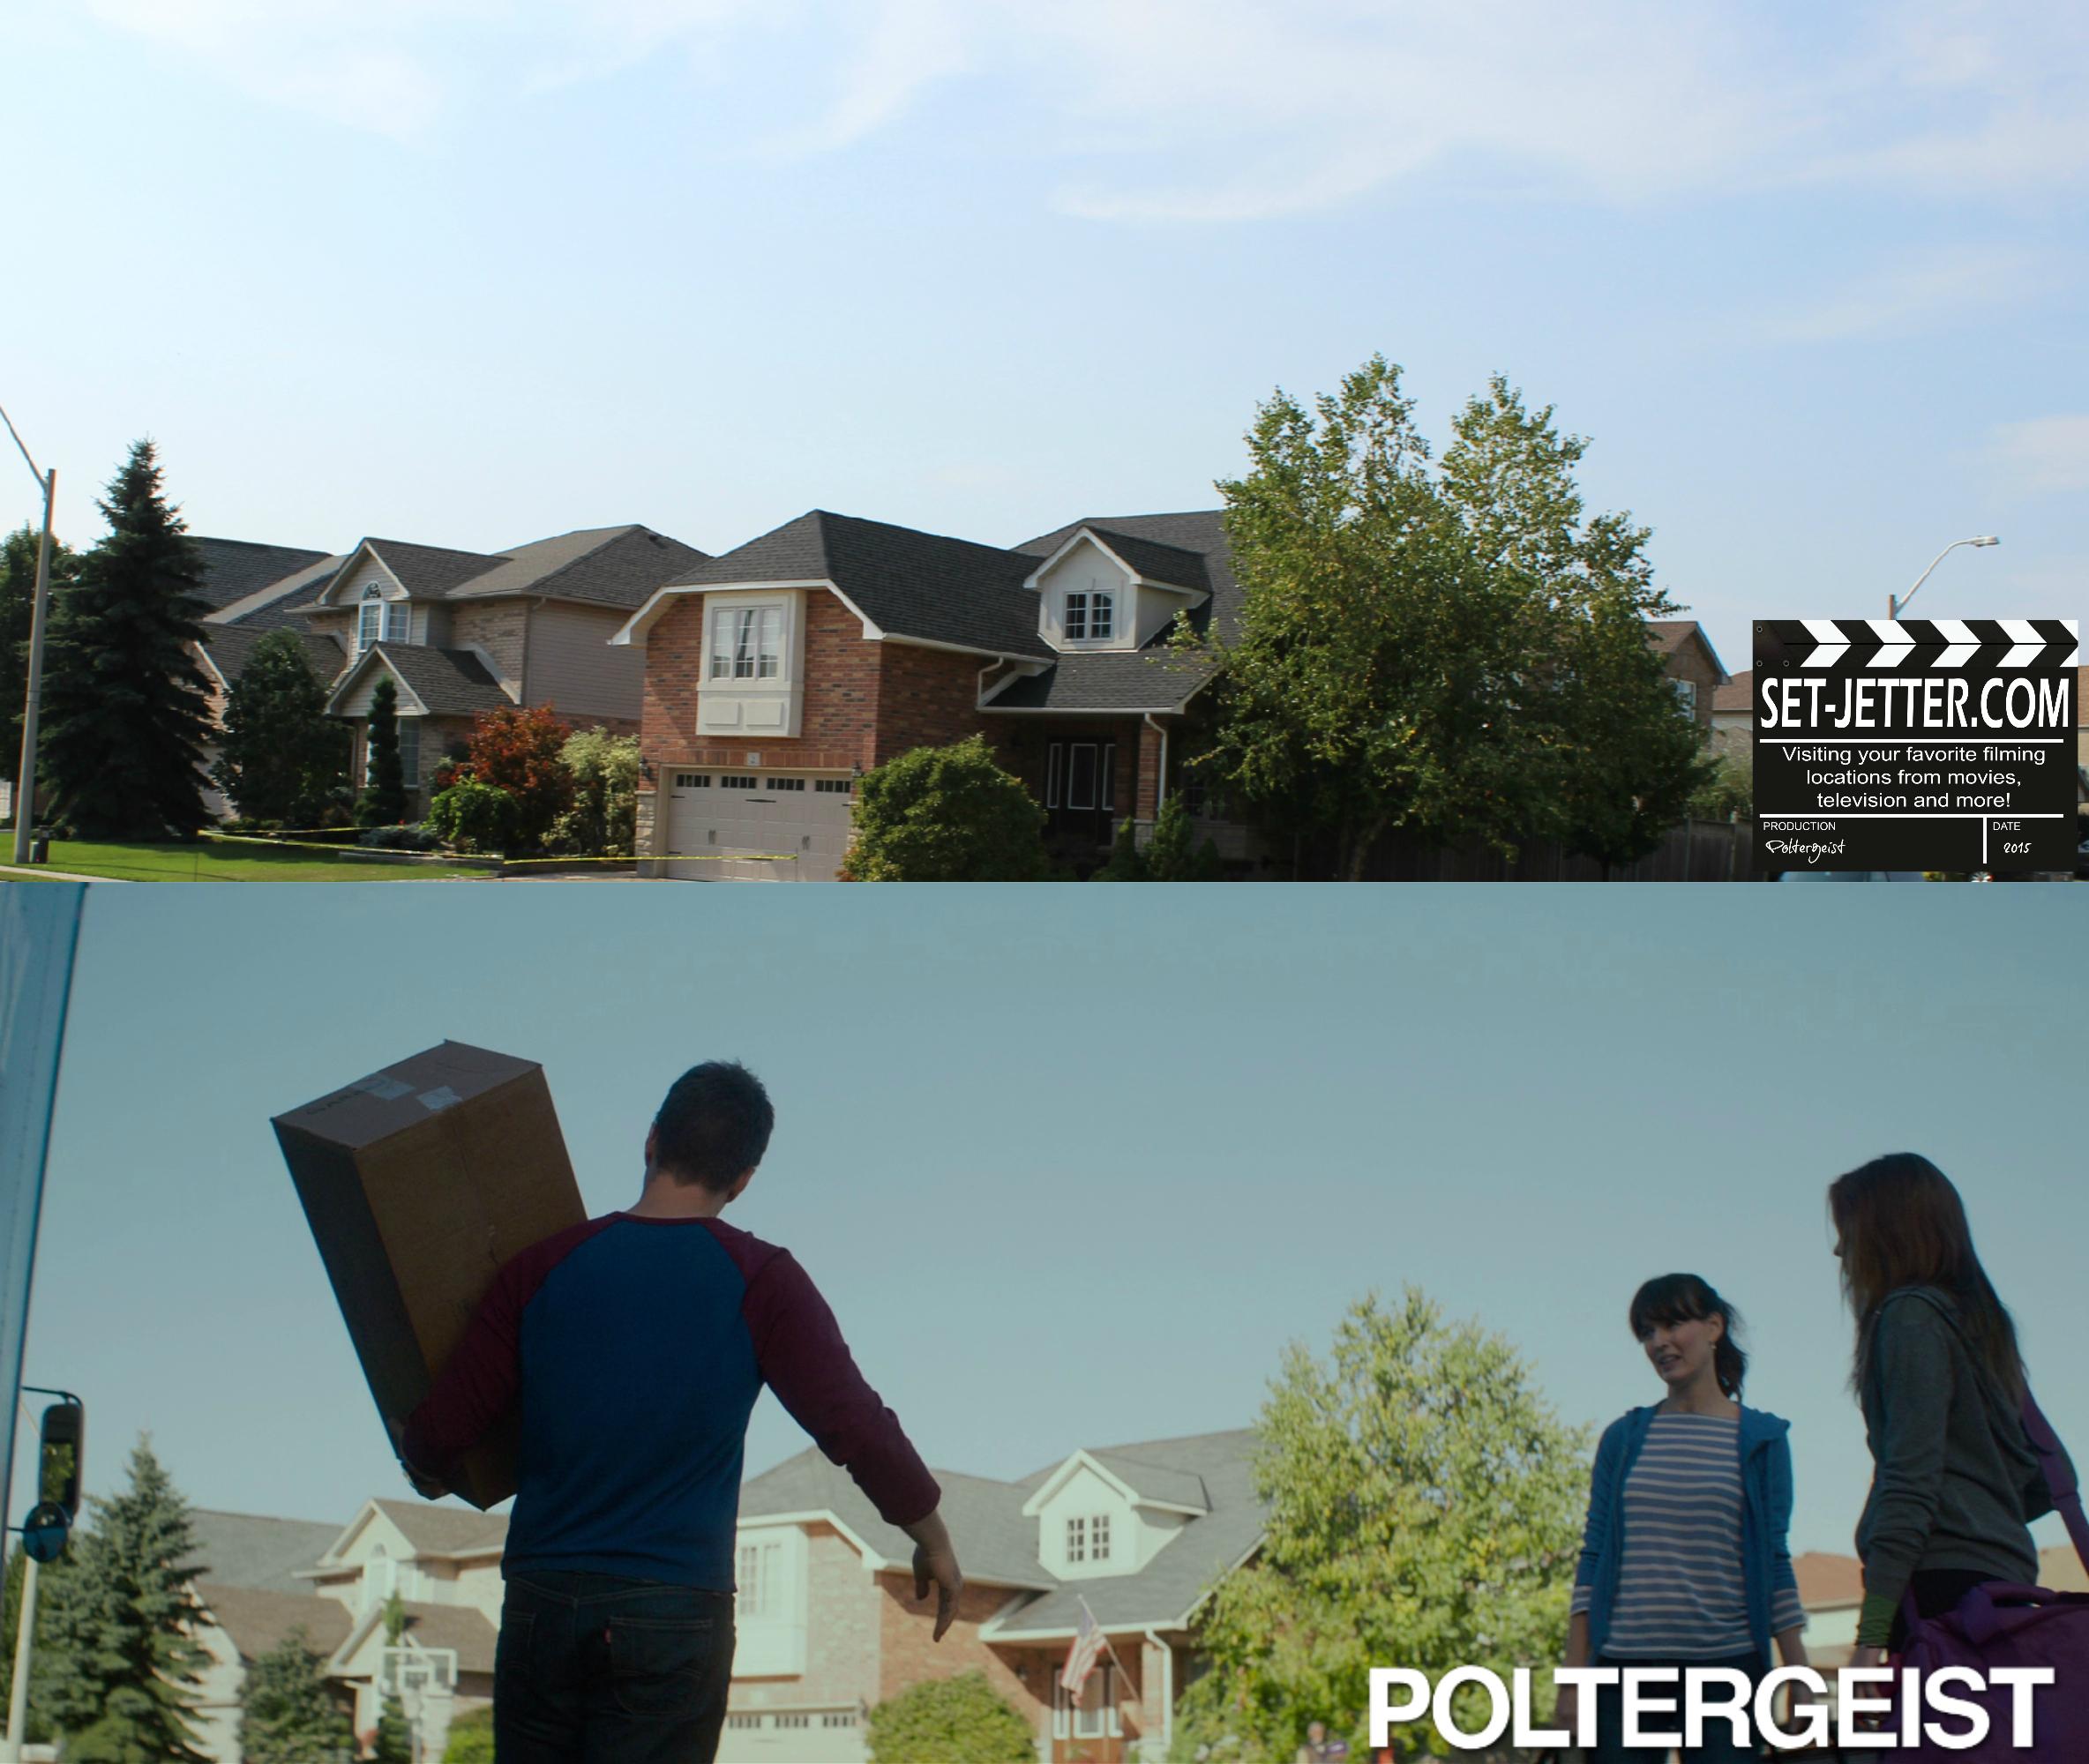 Poltergeist comparison 42.jpg